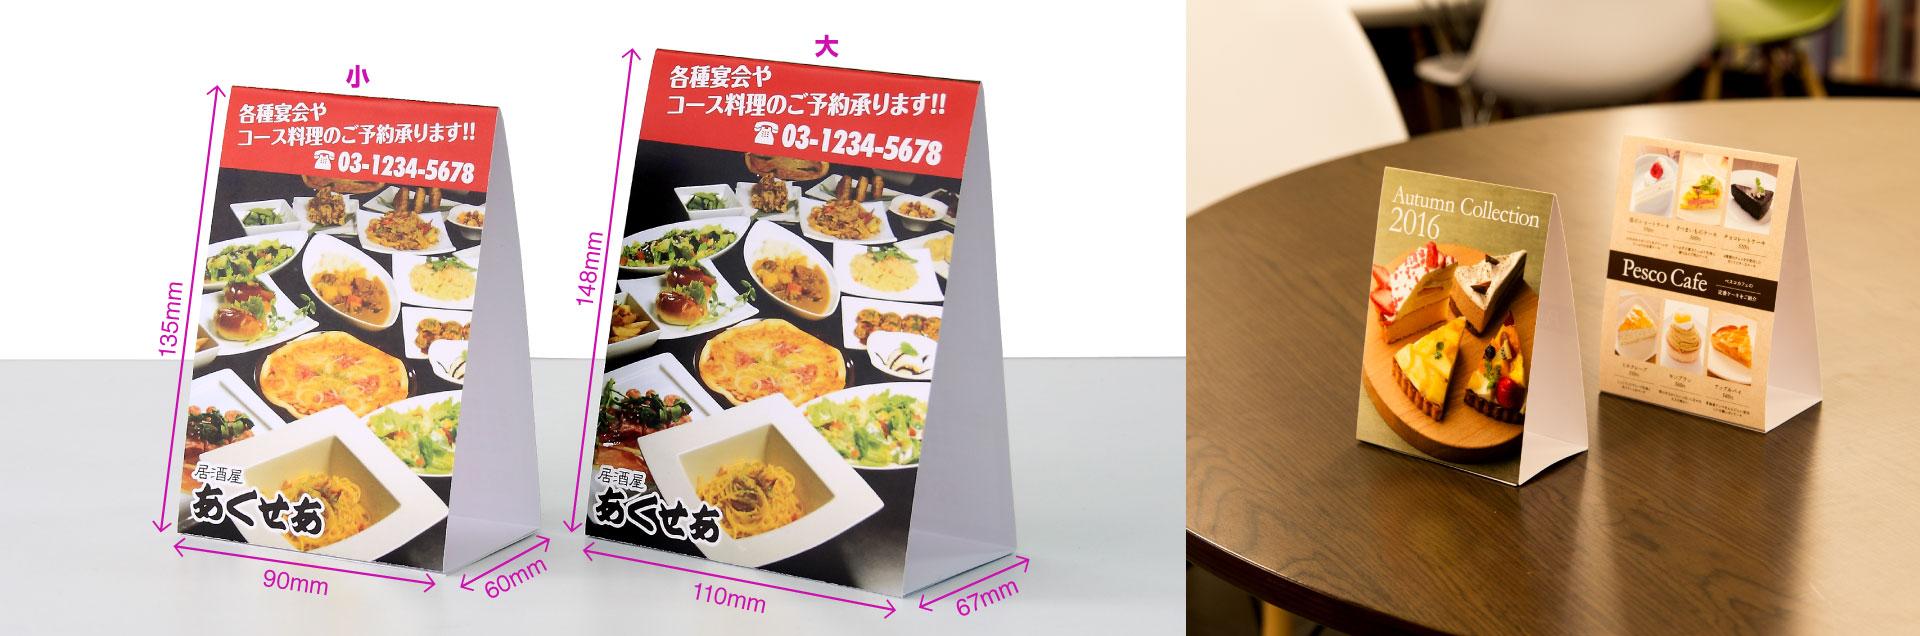 三角pop テーブルテント 卓上pop オンデマンド印刷のアクセア